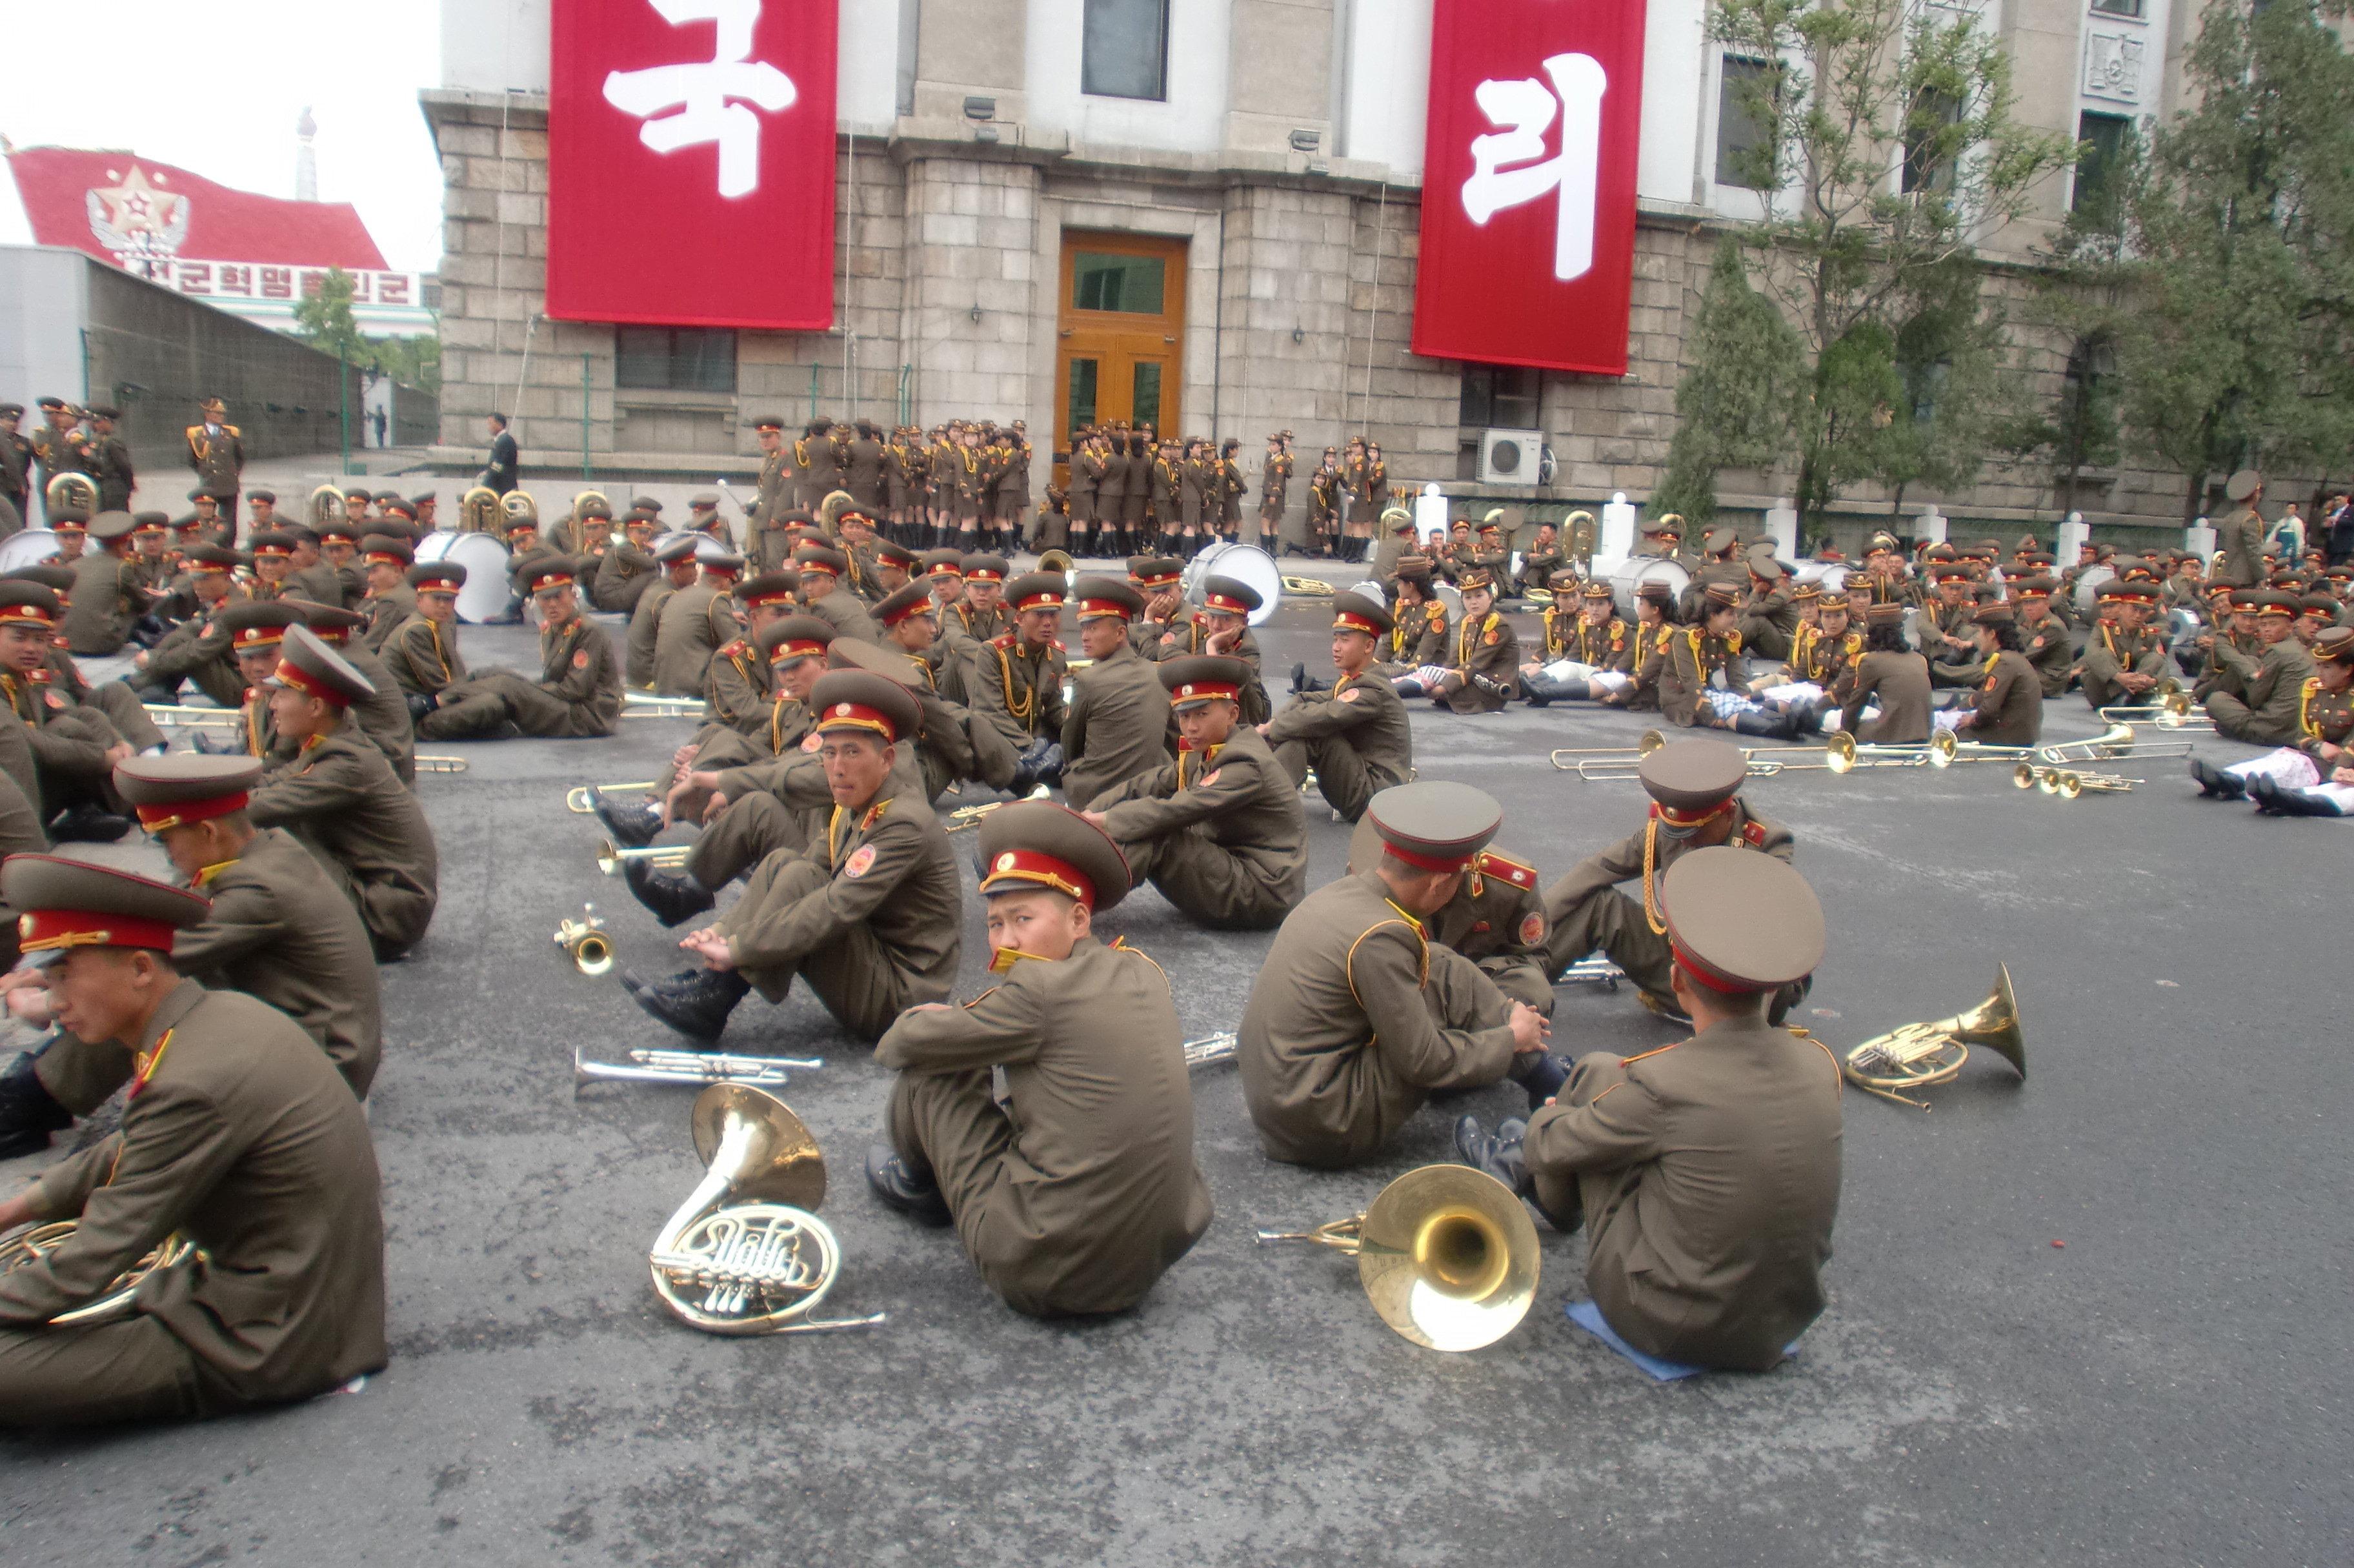 Les membres d'un orchestre militaire nord-coréen